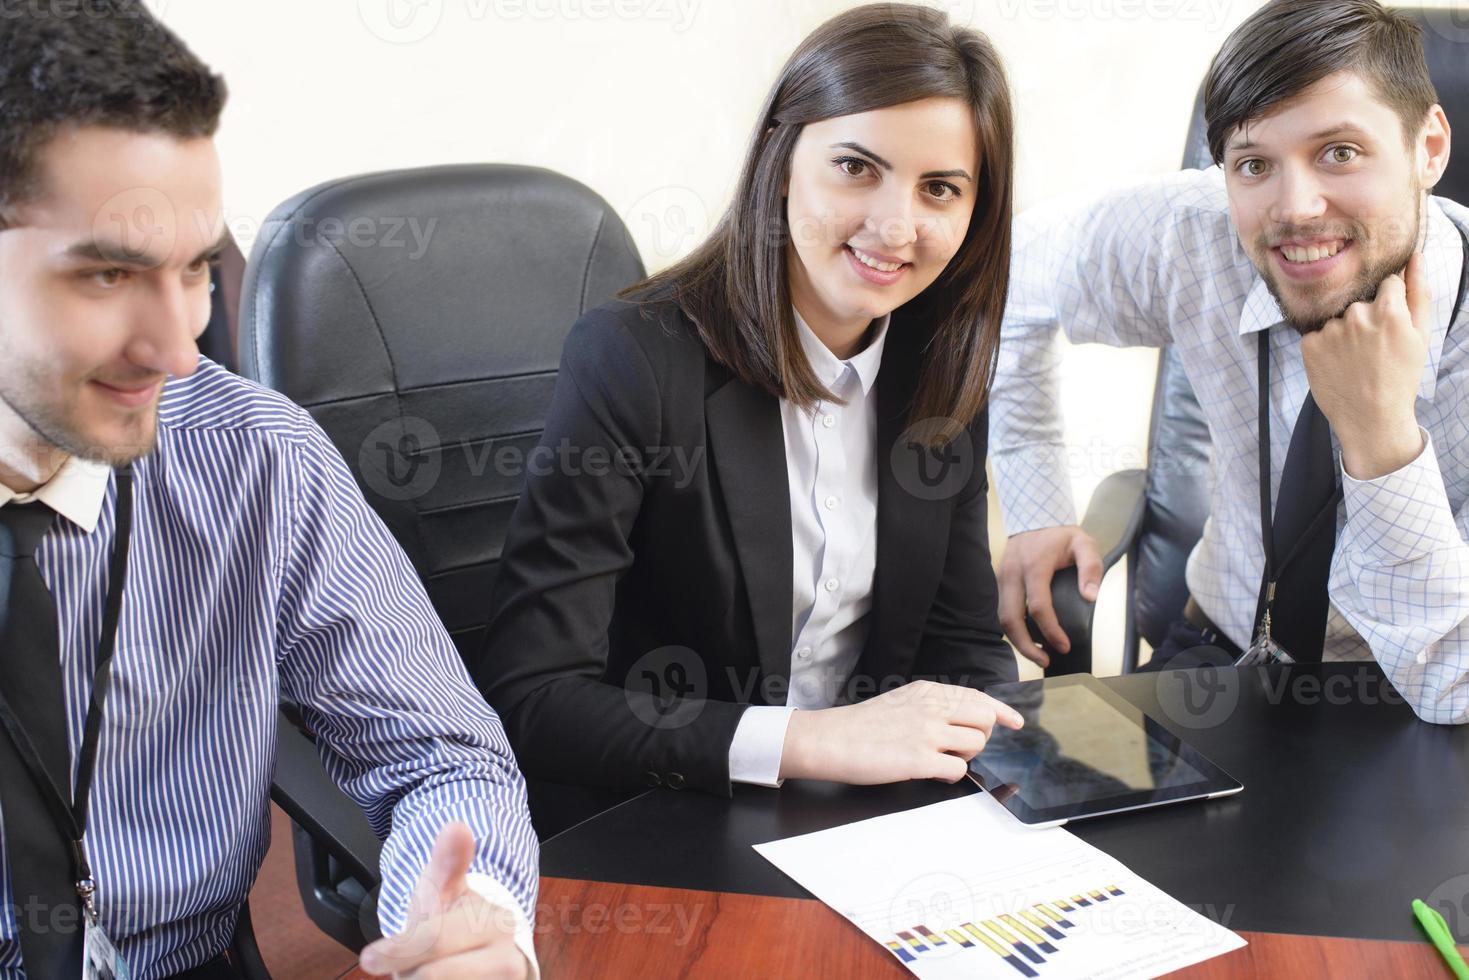 mensen uit het bedrijfsleven met bestuursvergadering foto